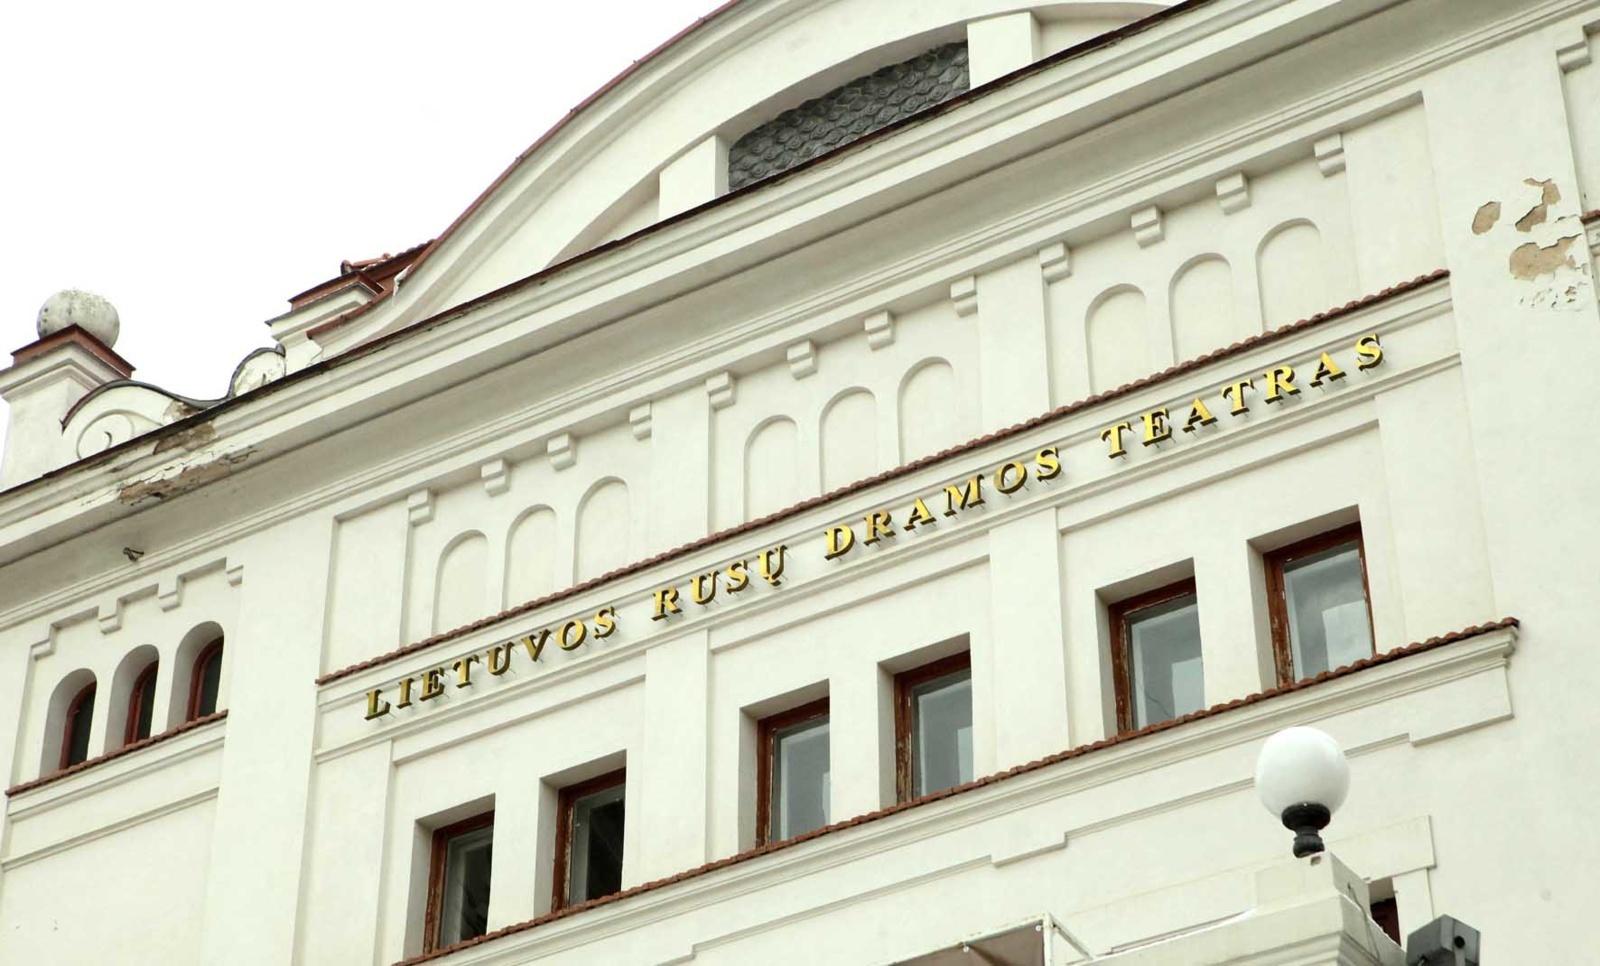 Lietuvos rusų dramos teatro vadove tapo Olga Polevikova